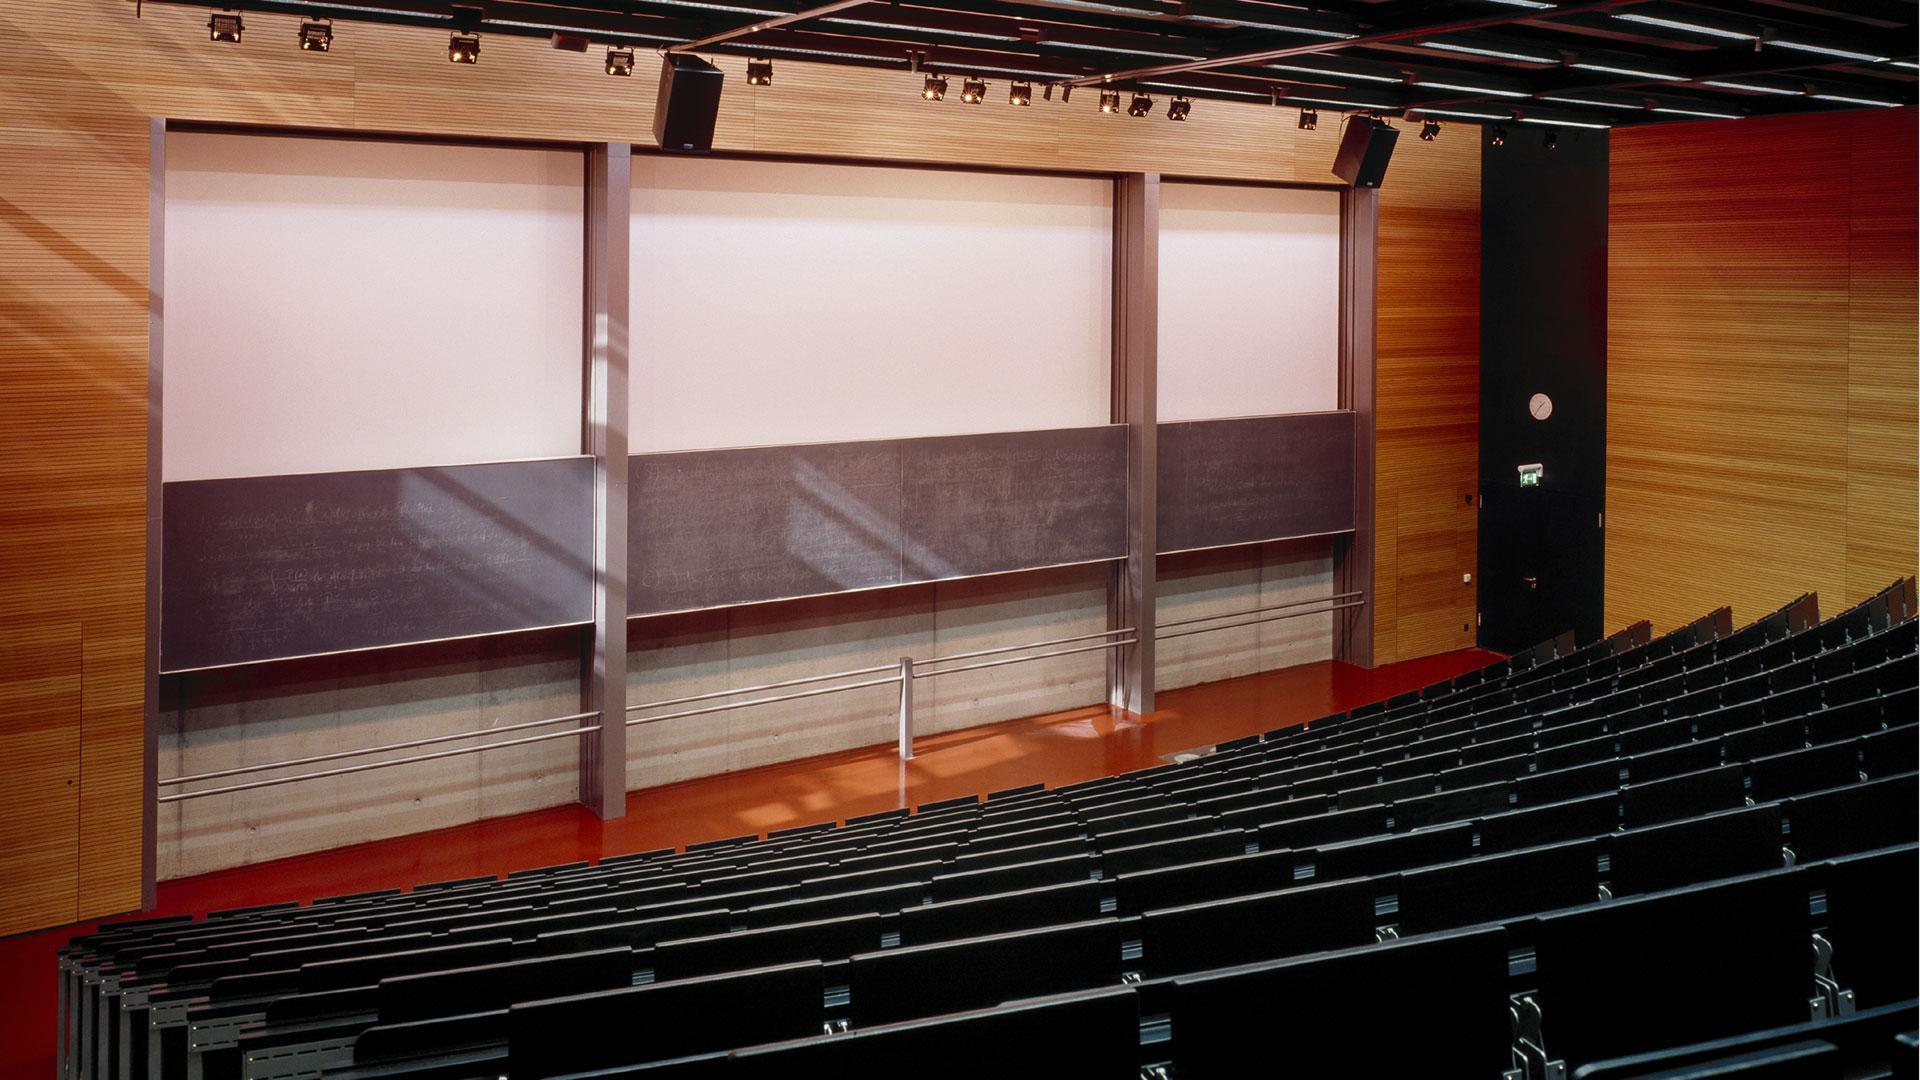 Kirchhoff Institut Für Physik 1 - ArGe Architekten